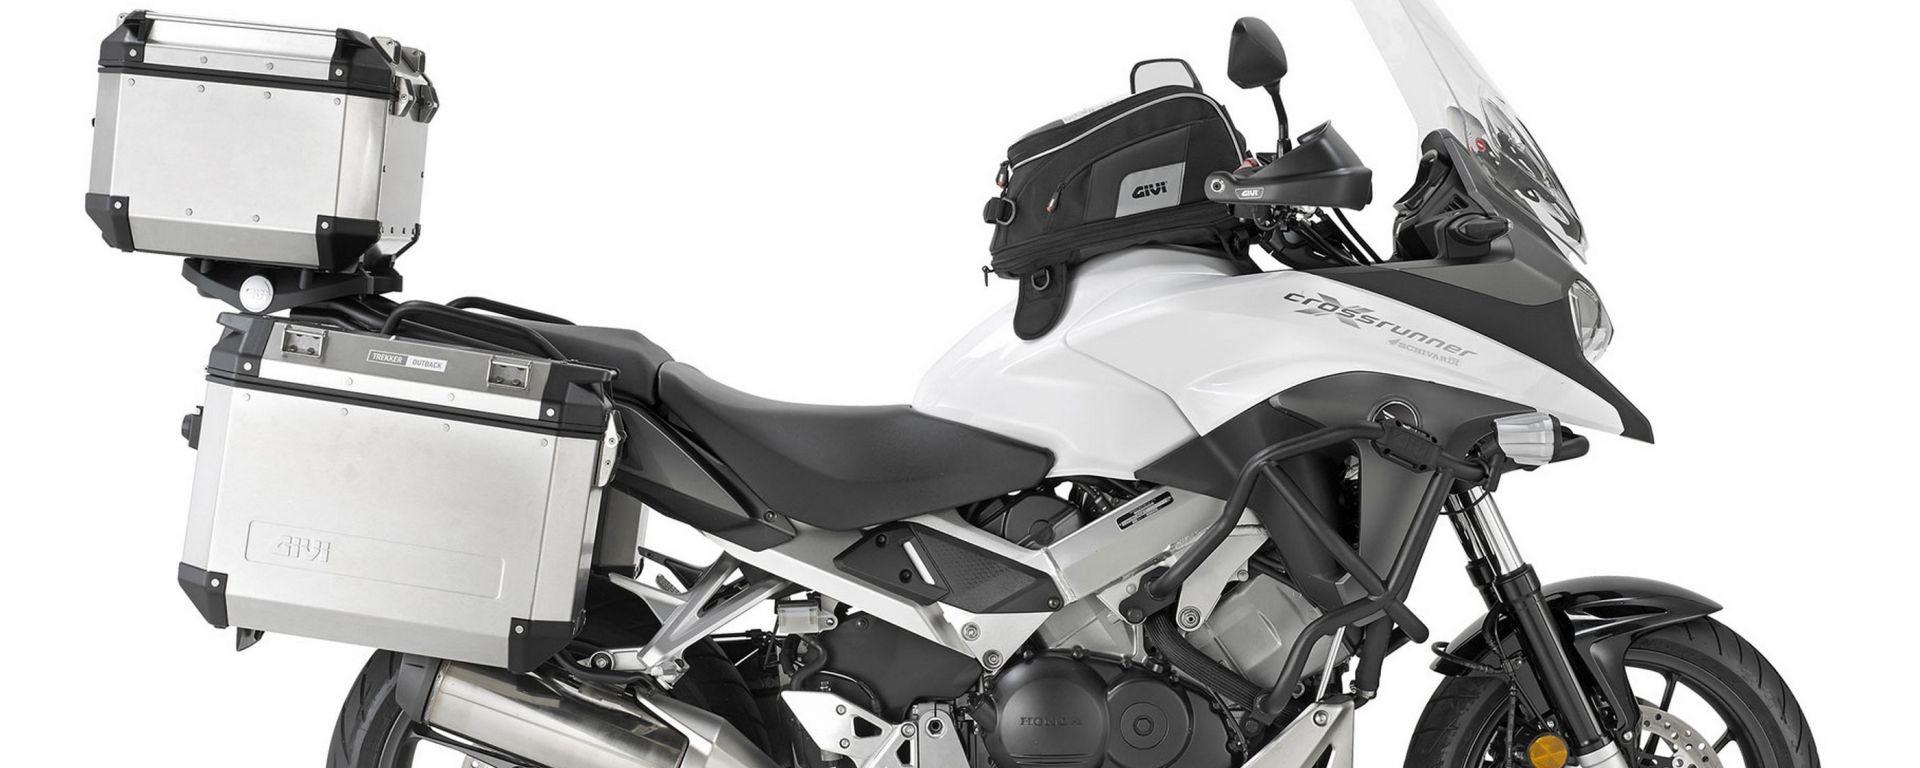 Givi: nuovi accessori per la Honda Crossrunner